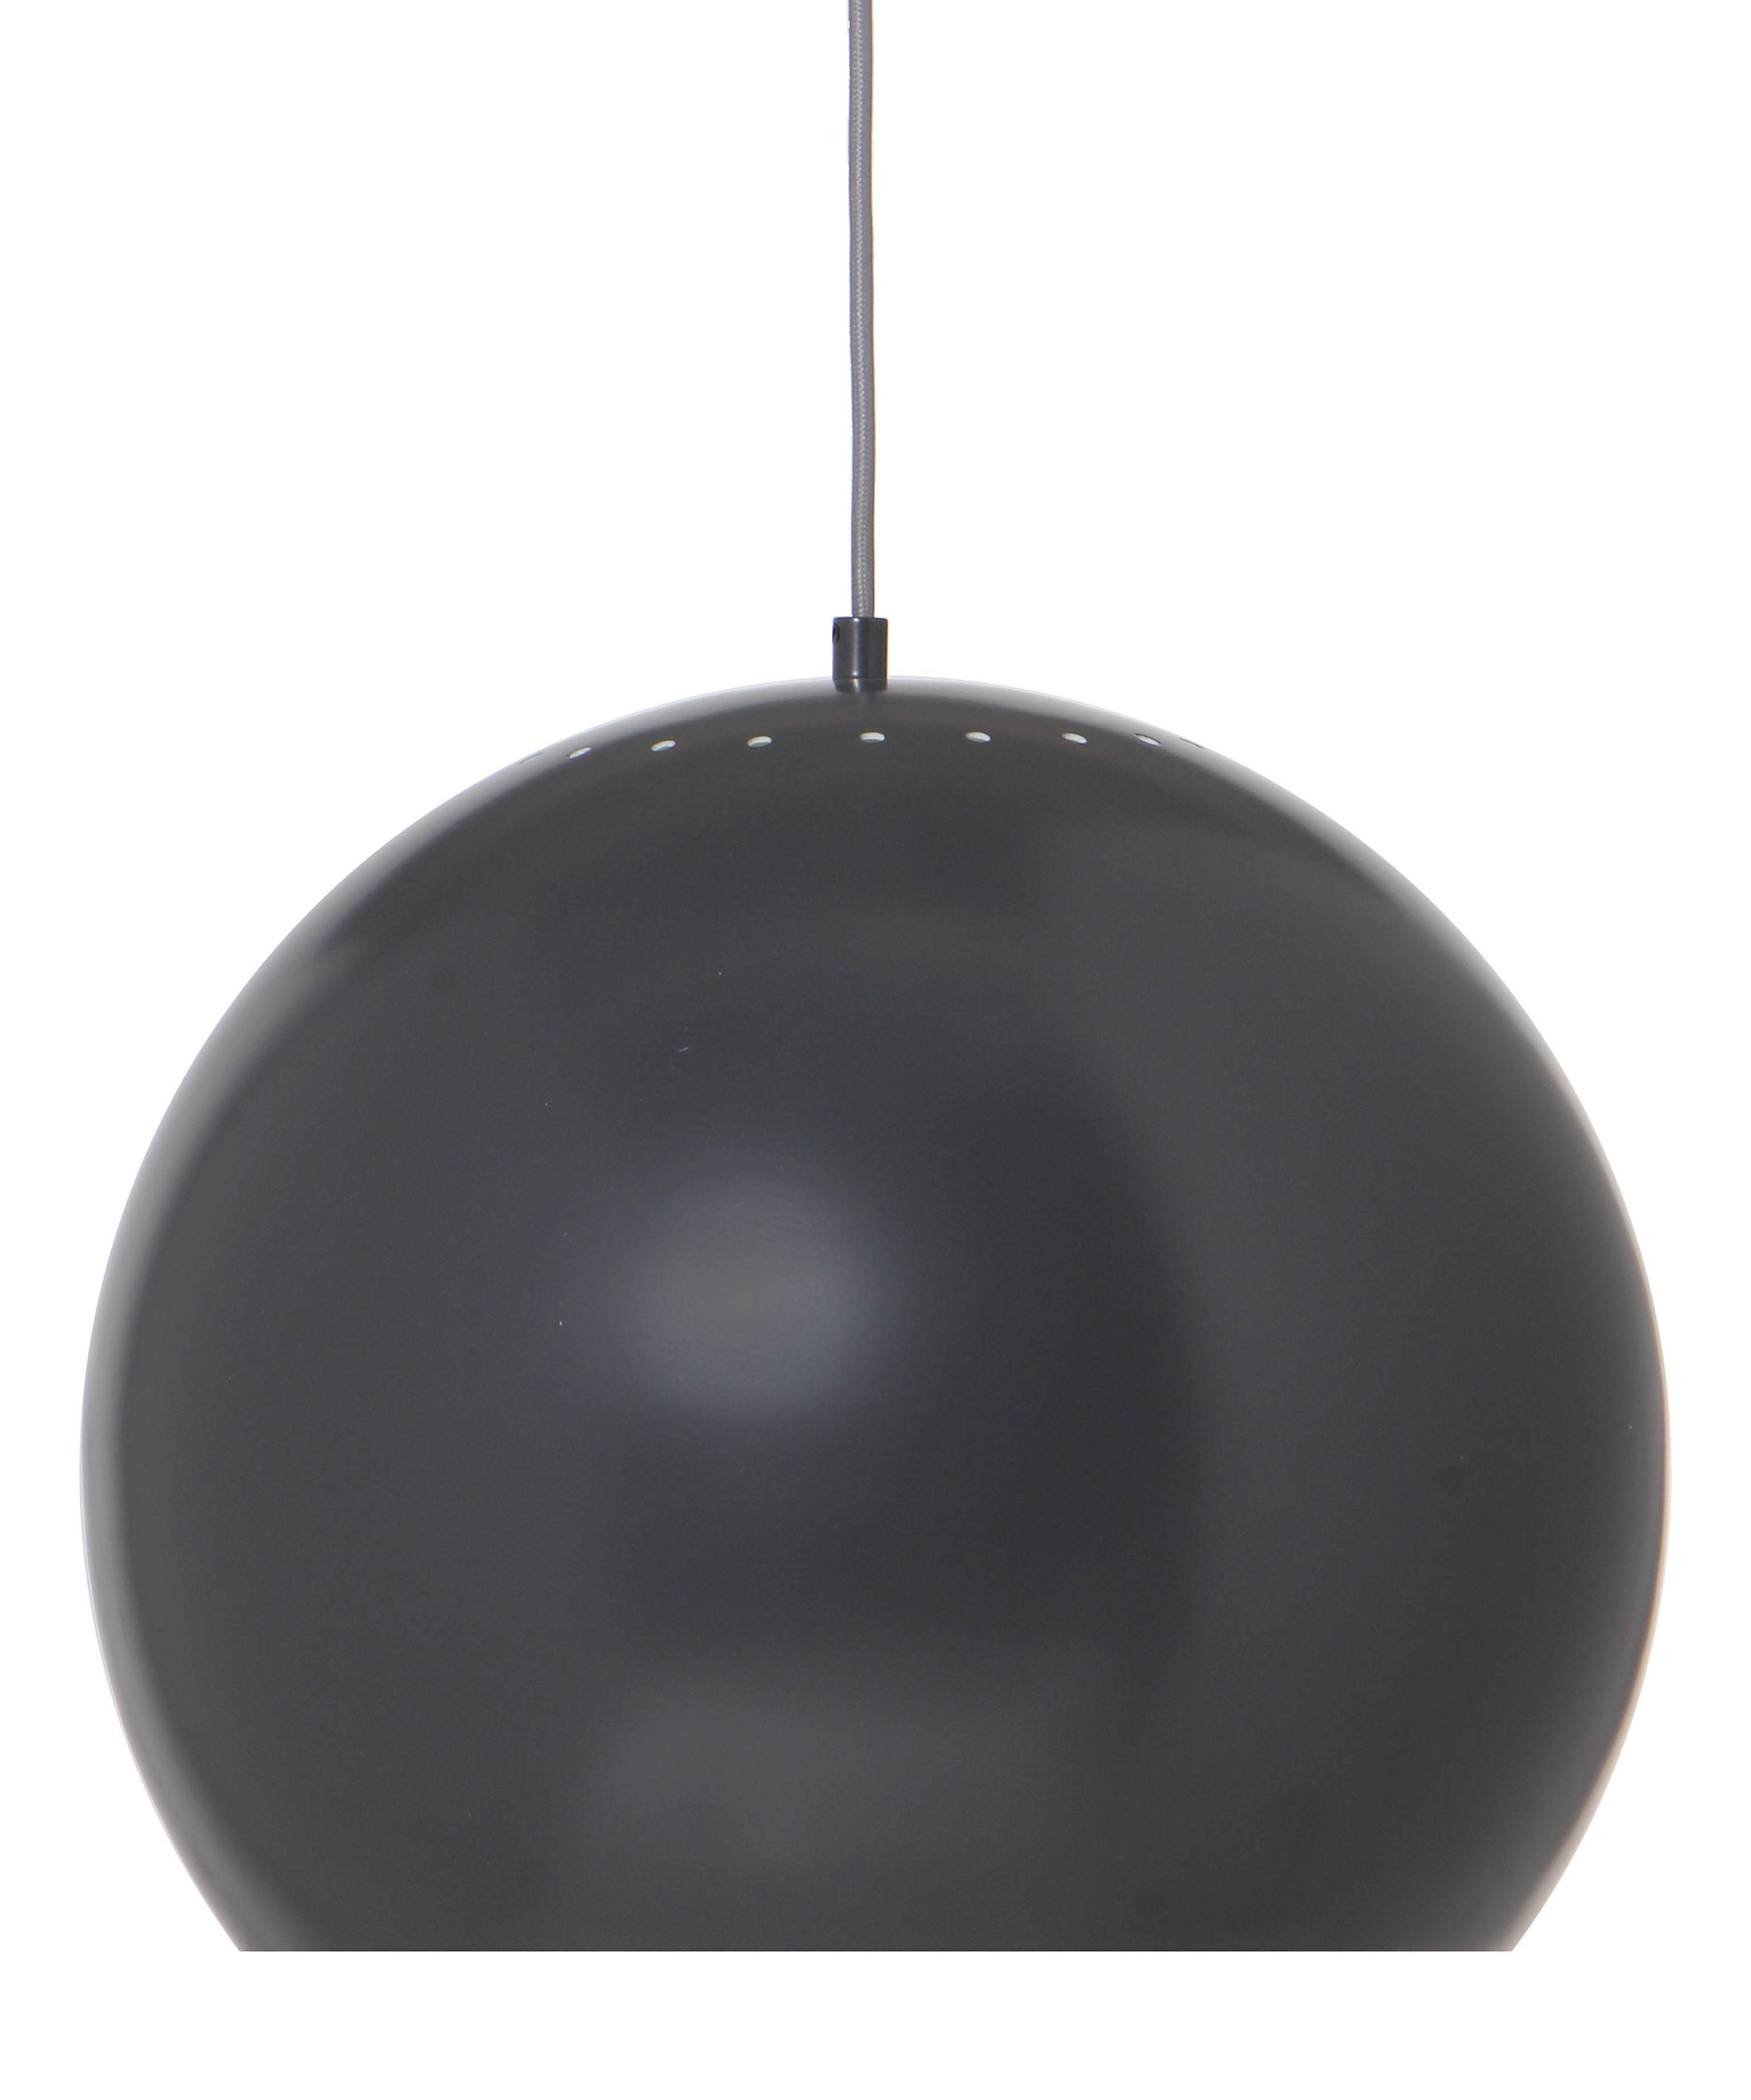 Luminaire - Suspensions - Suspension Ball Large / Ø 40 cm - Réédition 1968 - Frandsen - Gris mat - Métal verni